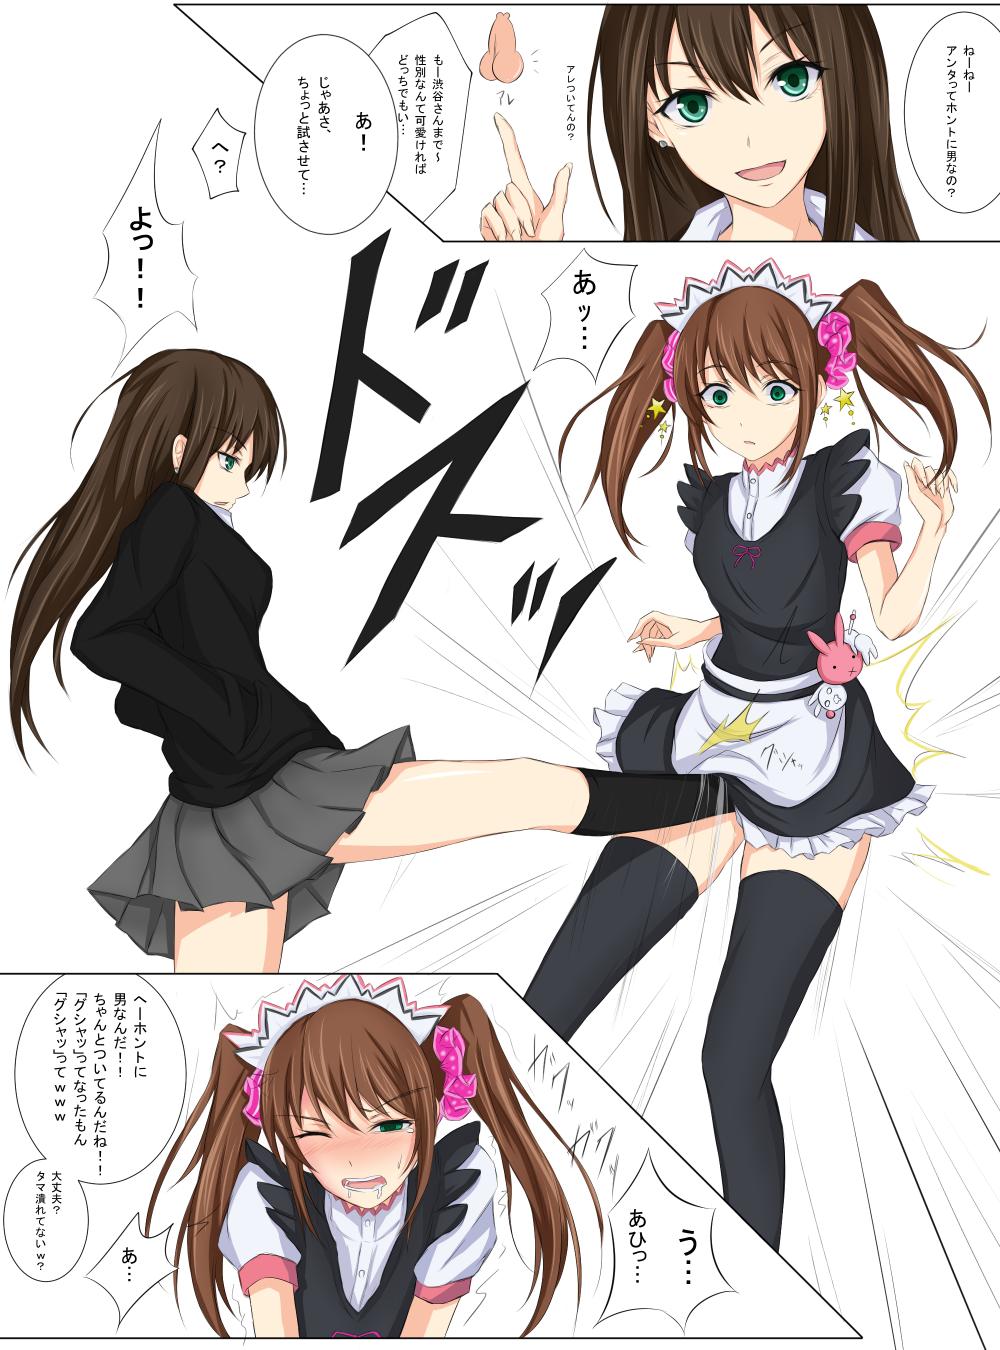 Femdom Ballbusting Cartoons regarding mizushima saki and shibuya rin (idolmaster, idolmaster cinderella